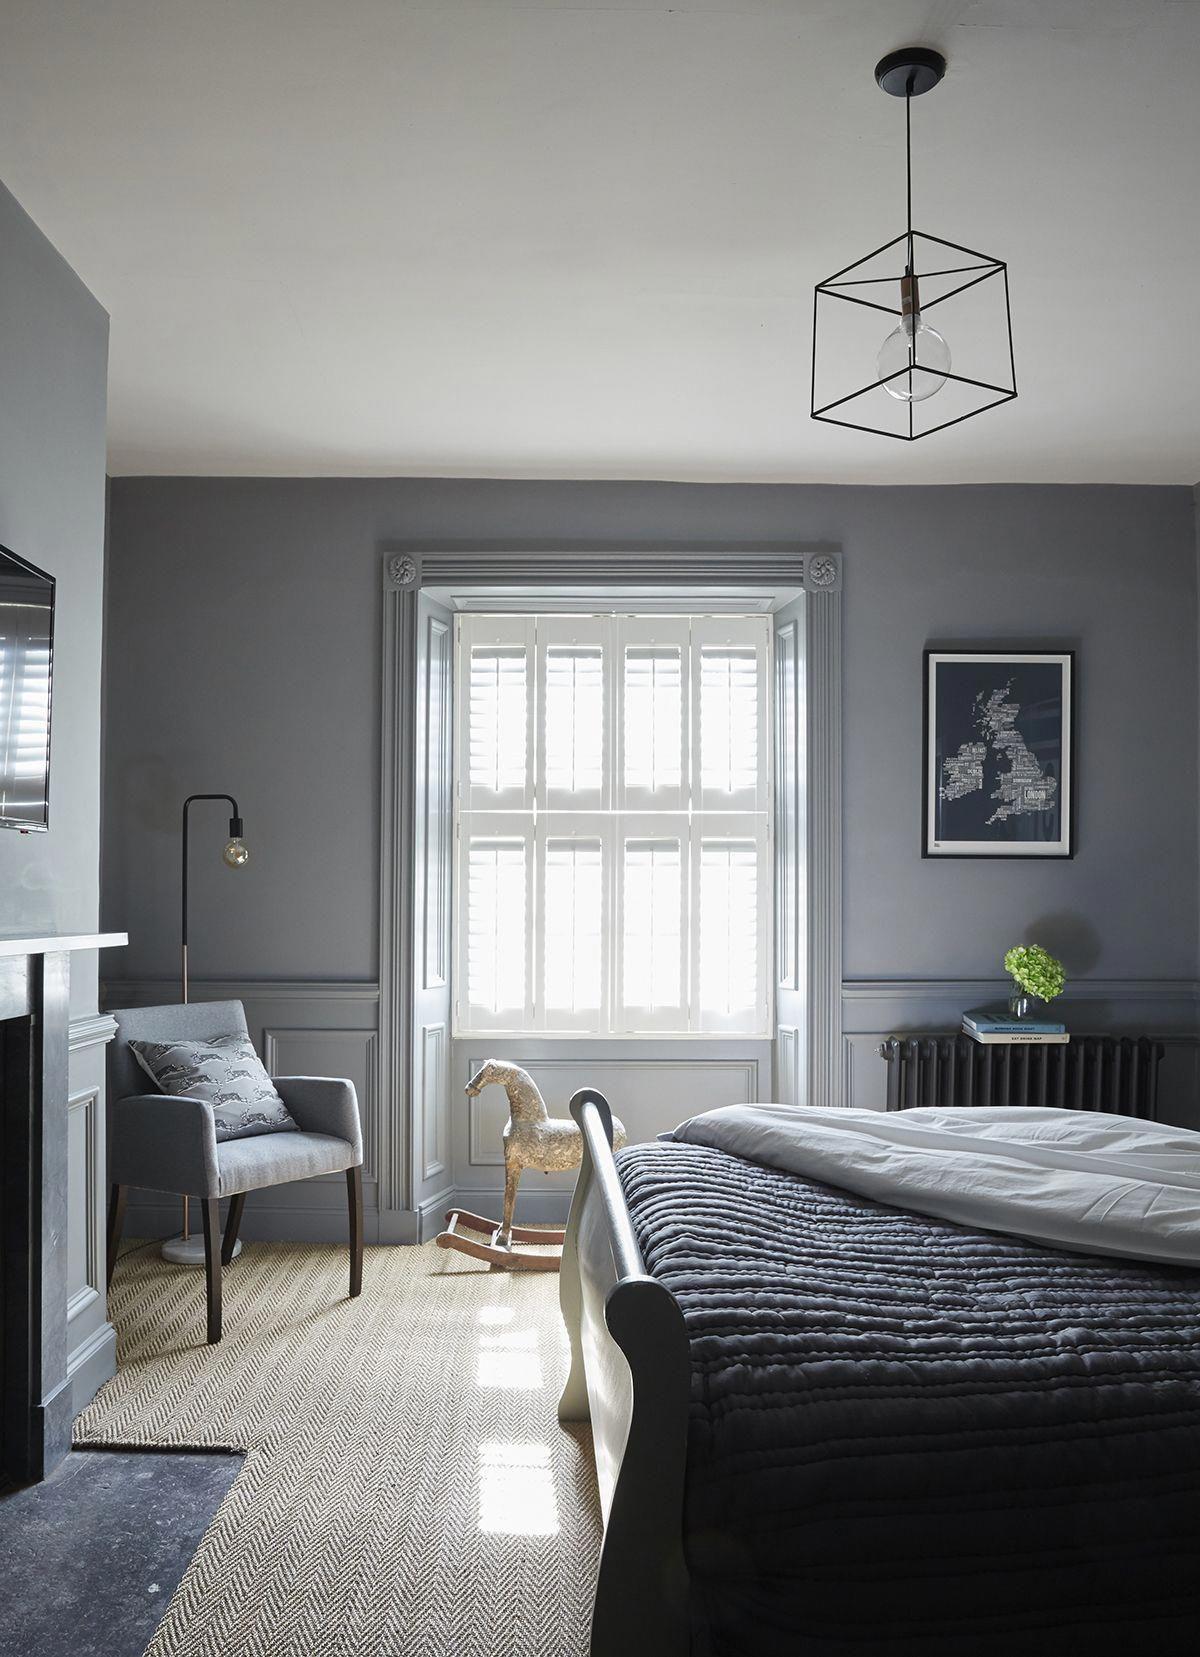 13 Glam Luxus Schlafzimmer Design Ideen Modernesluxus